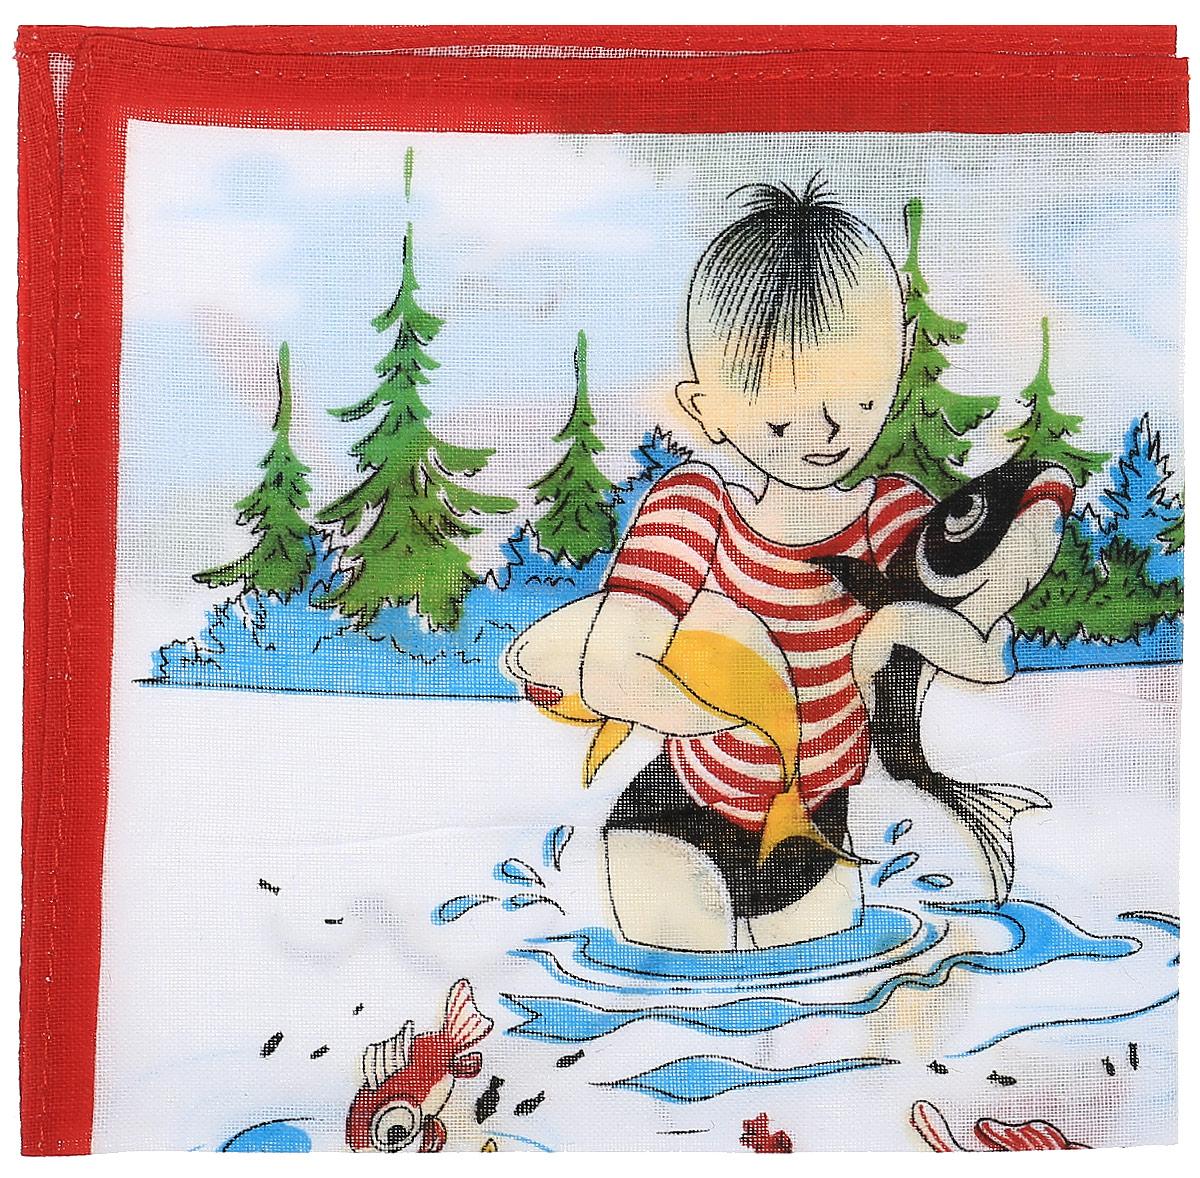 Платок носовой детский Zlata Korunka, цвет: мультиколор, 45453. Размер 27 х 27 см45453_мальчик с рыбамиДетский носовой платочек Zlata Korunka изготовлен из натурального хлопка, приятен в использовании, хорошо стирается, материал не садится и отлично впитывает влагу. Оформлен принтом с изображением мальчика на рыбалке.